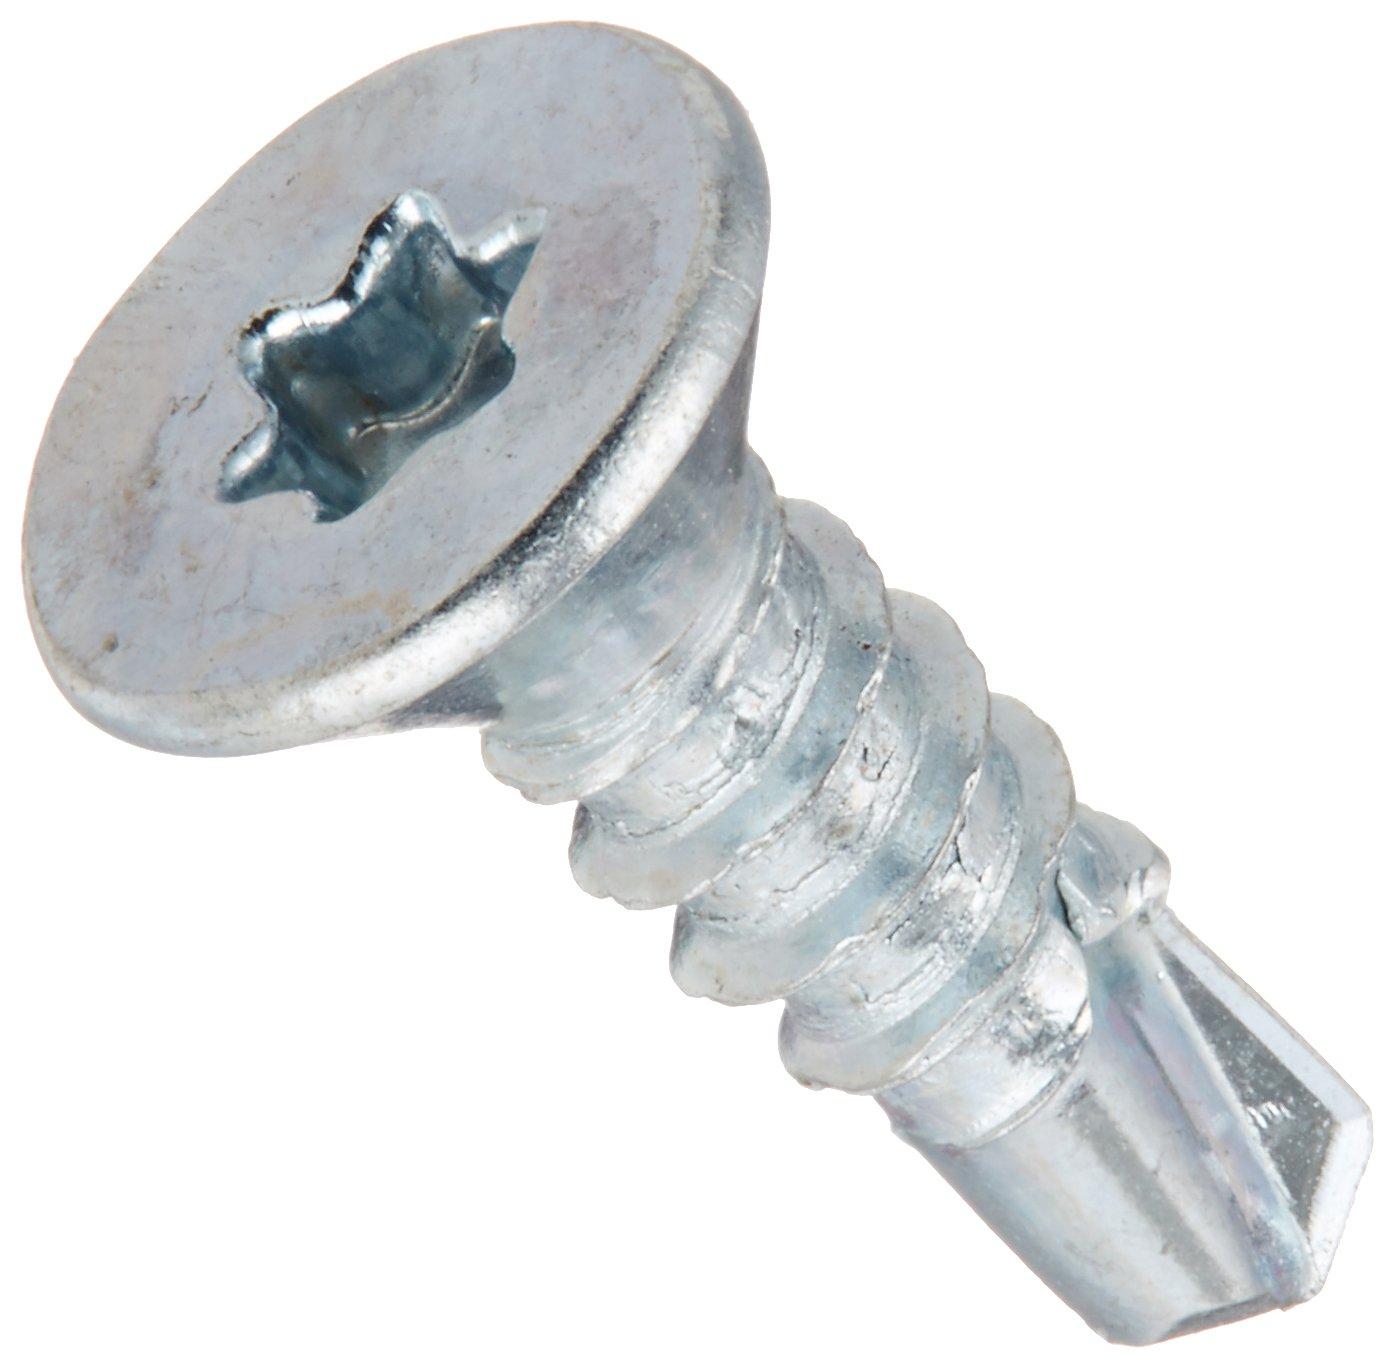 Flat Head Self Drilling Screws Steel Self-drilling Screw